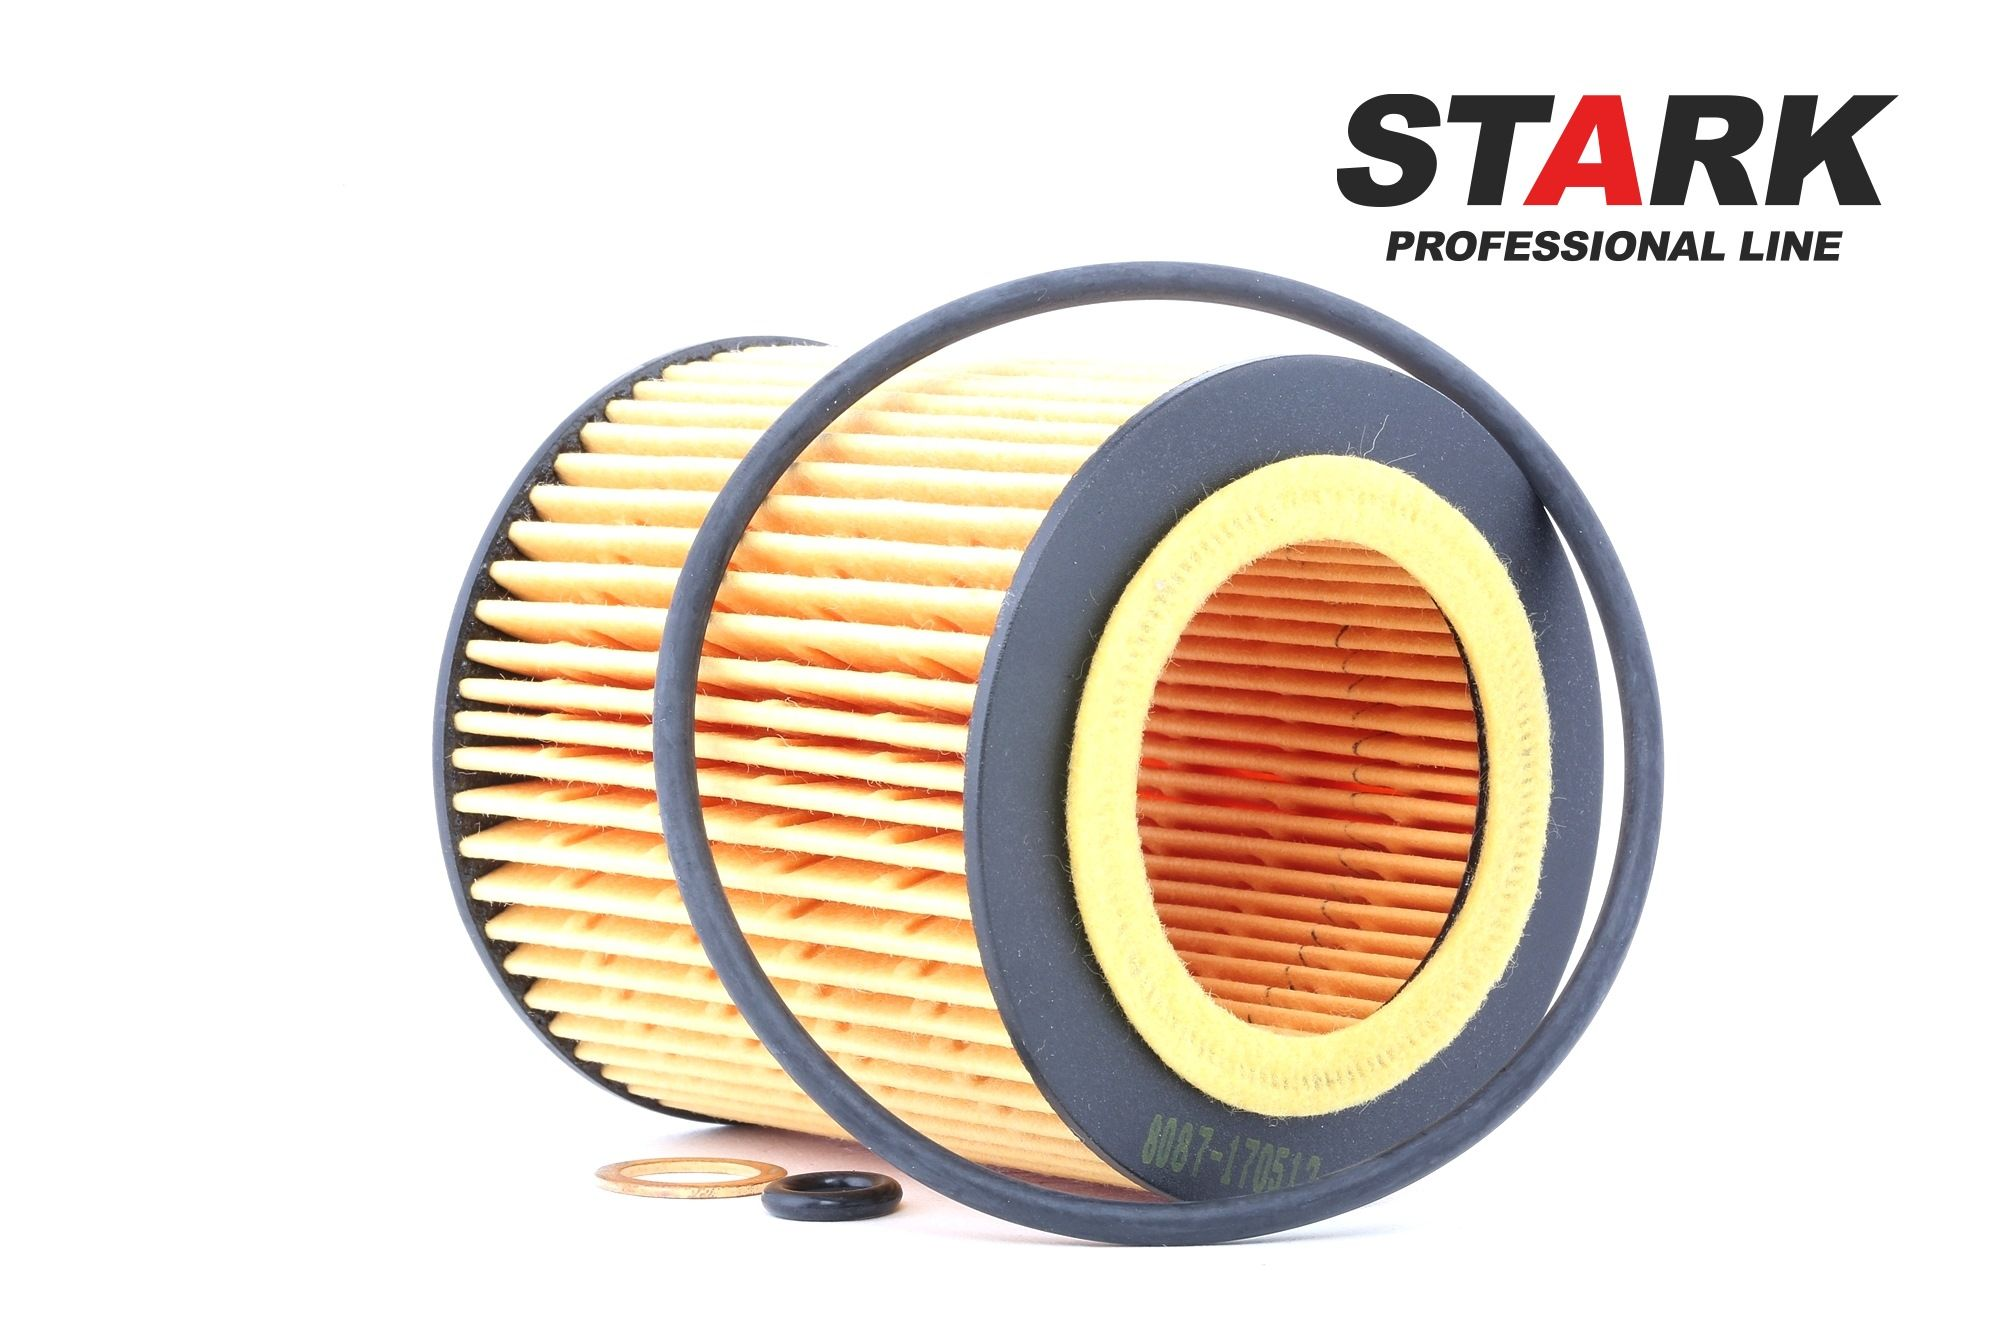 SKOF-0860077 STARK mit Dichtungen, Filtereinsatz Innendurchmesser: 41mm, Ø: 74mm, Höhe: 79mm Ölfilter SKOF-0860077 günstig kaufen